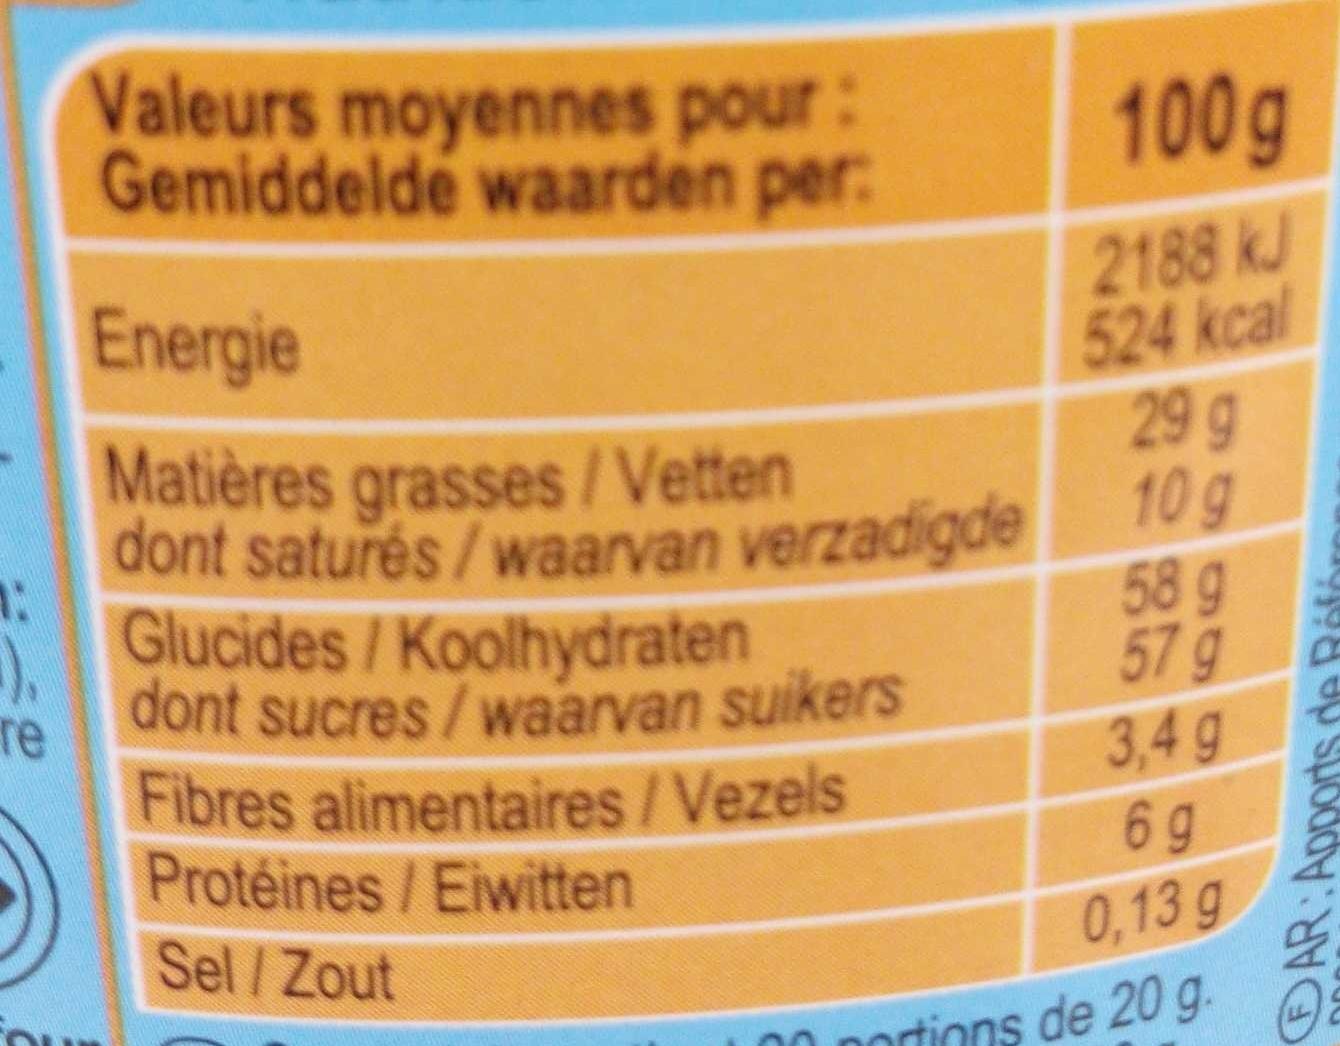 Pâte à tartiner plaisir noisette - Informations nutritionnelles - fr